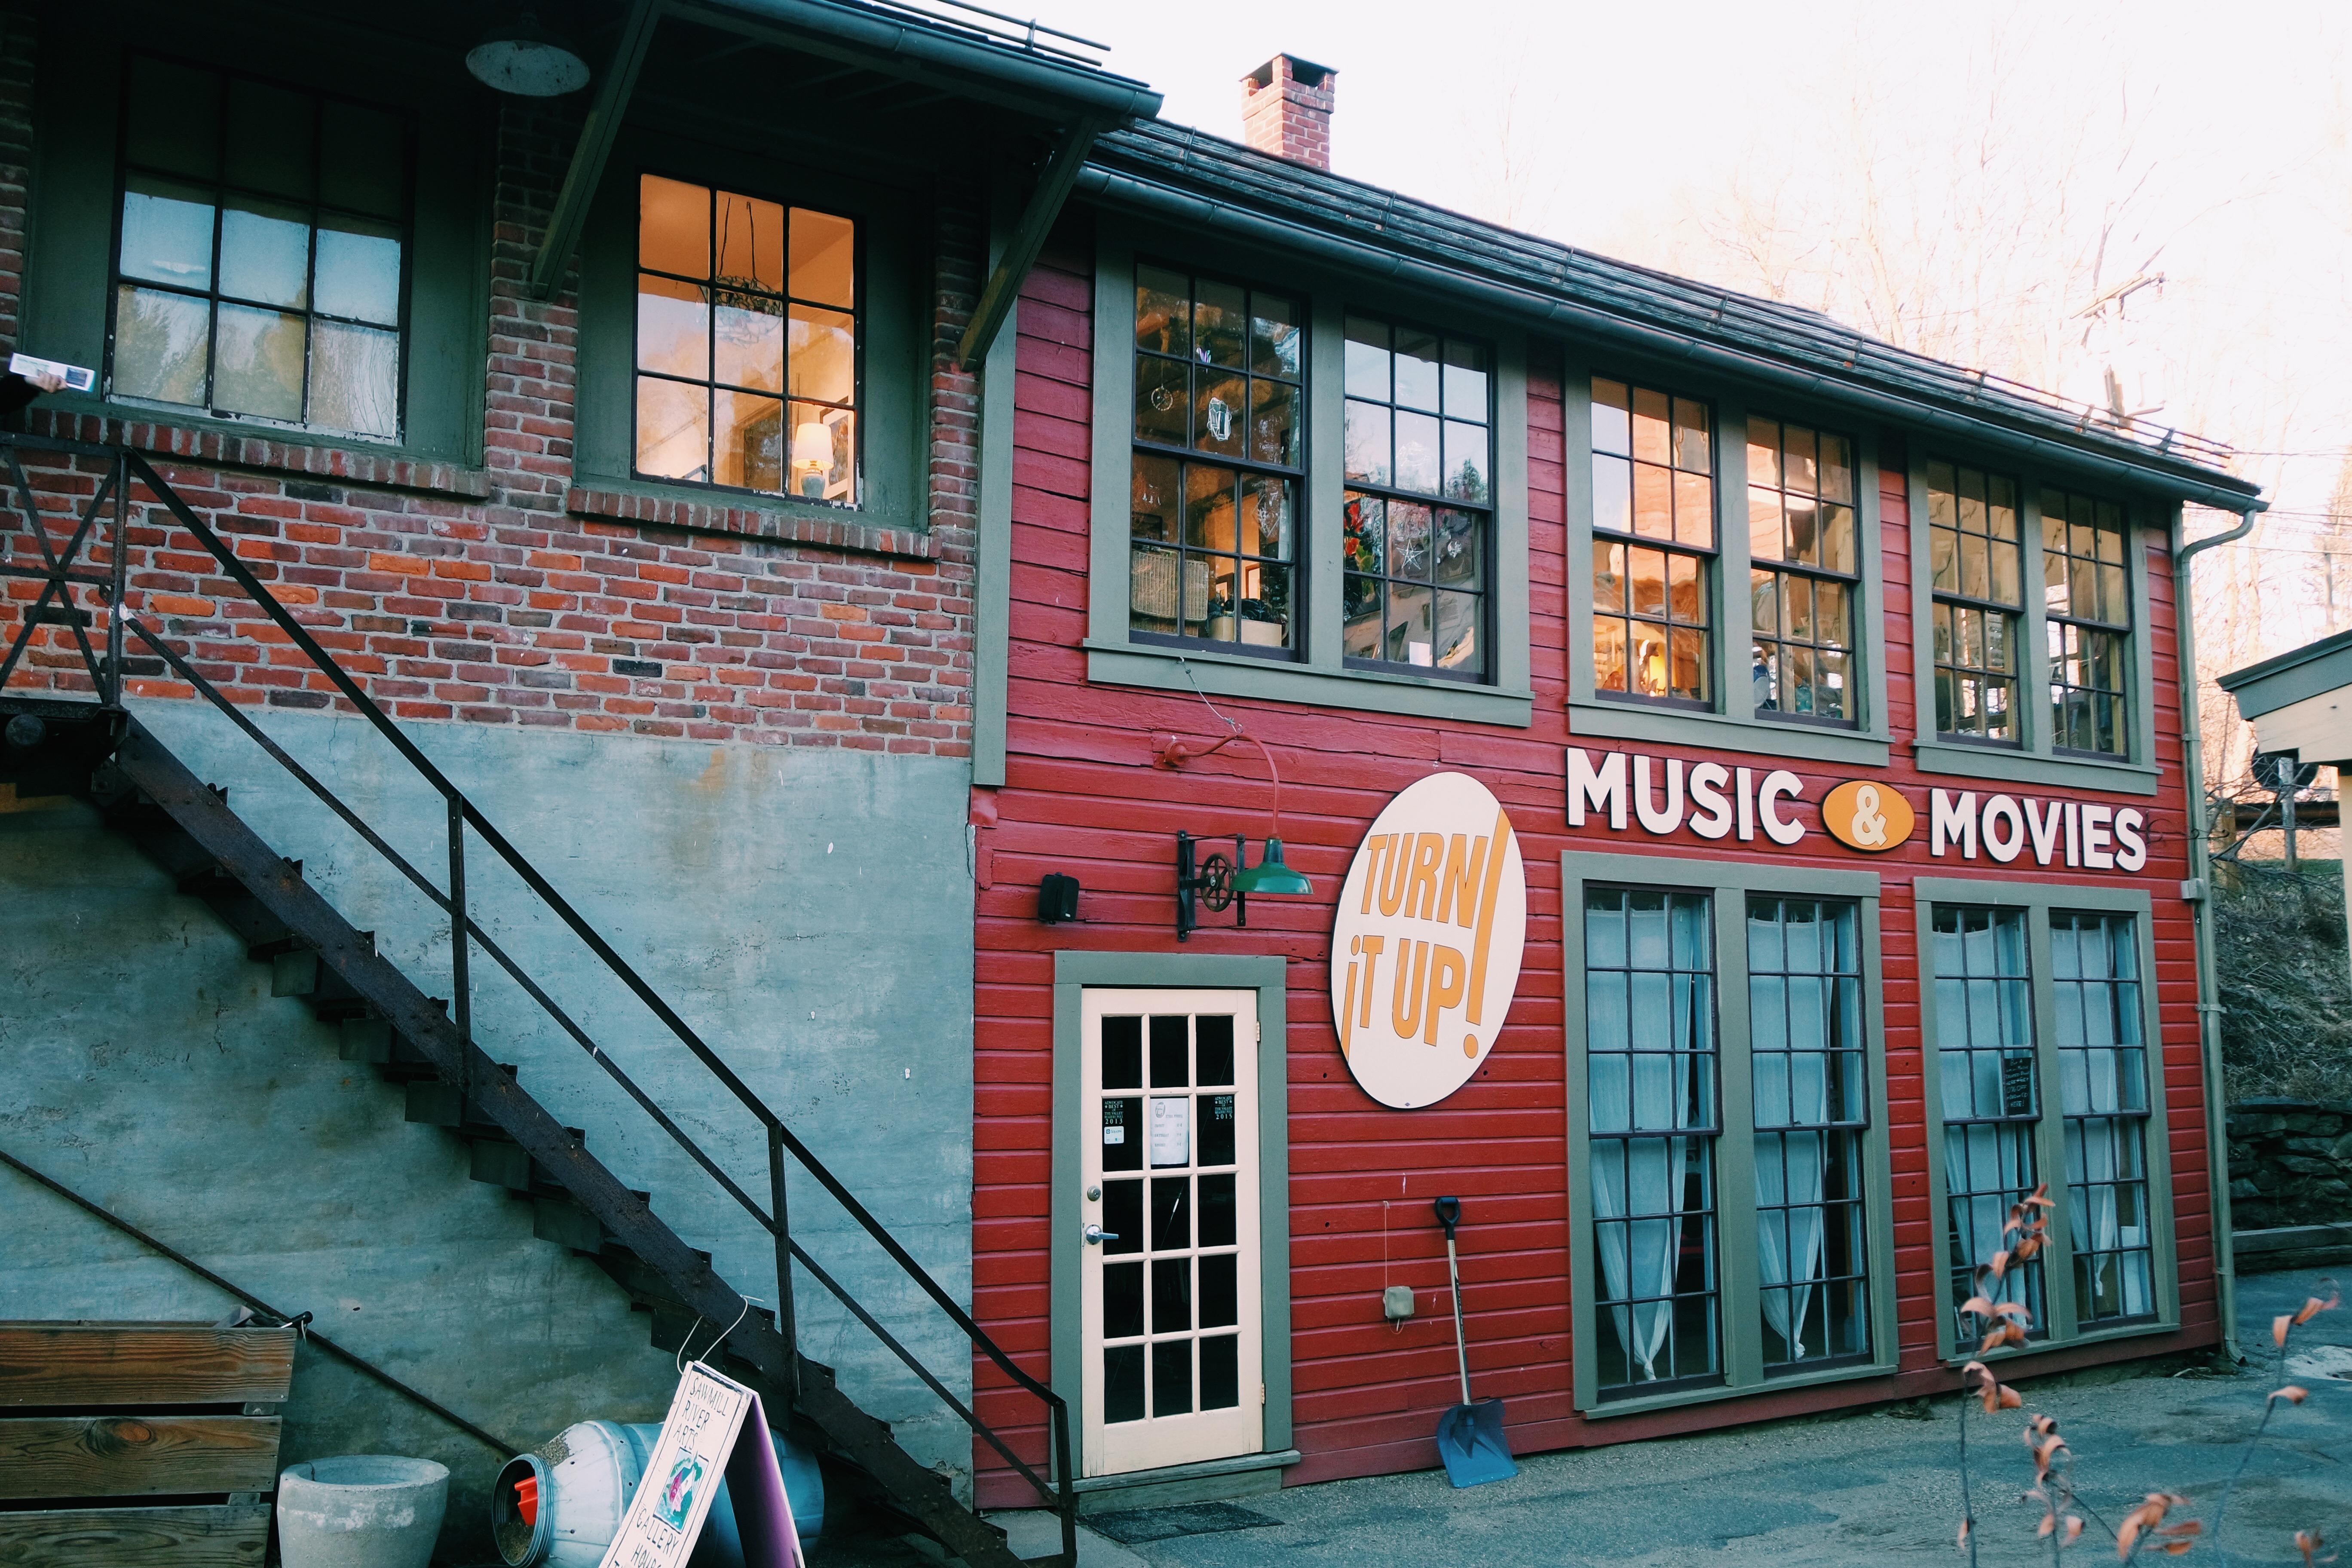 MONTAGUE, MA – Montague Book Mills